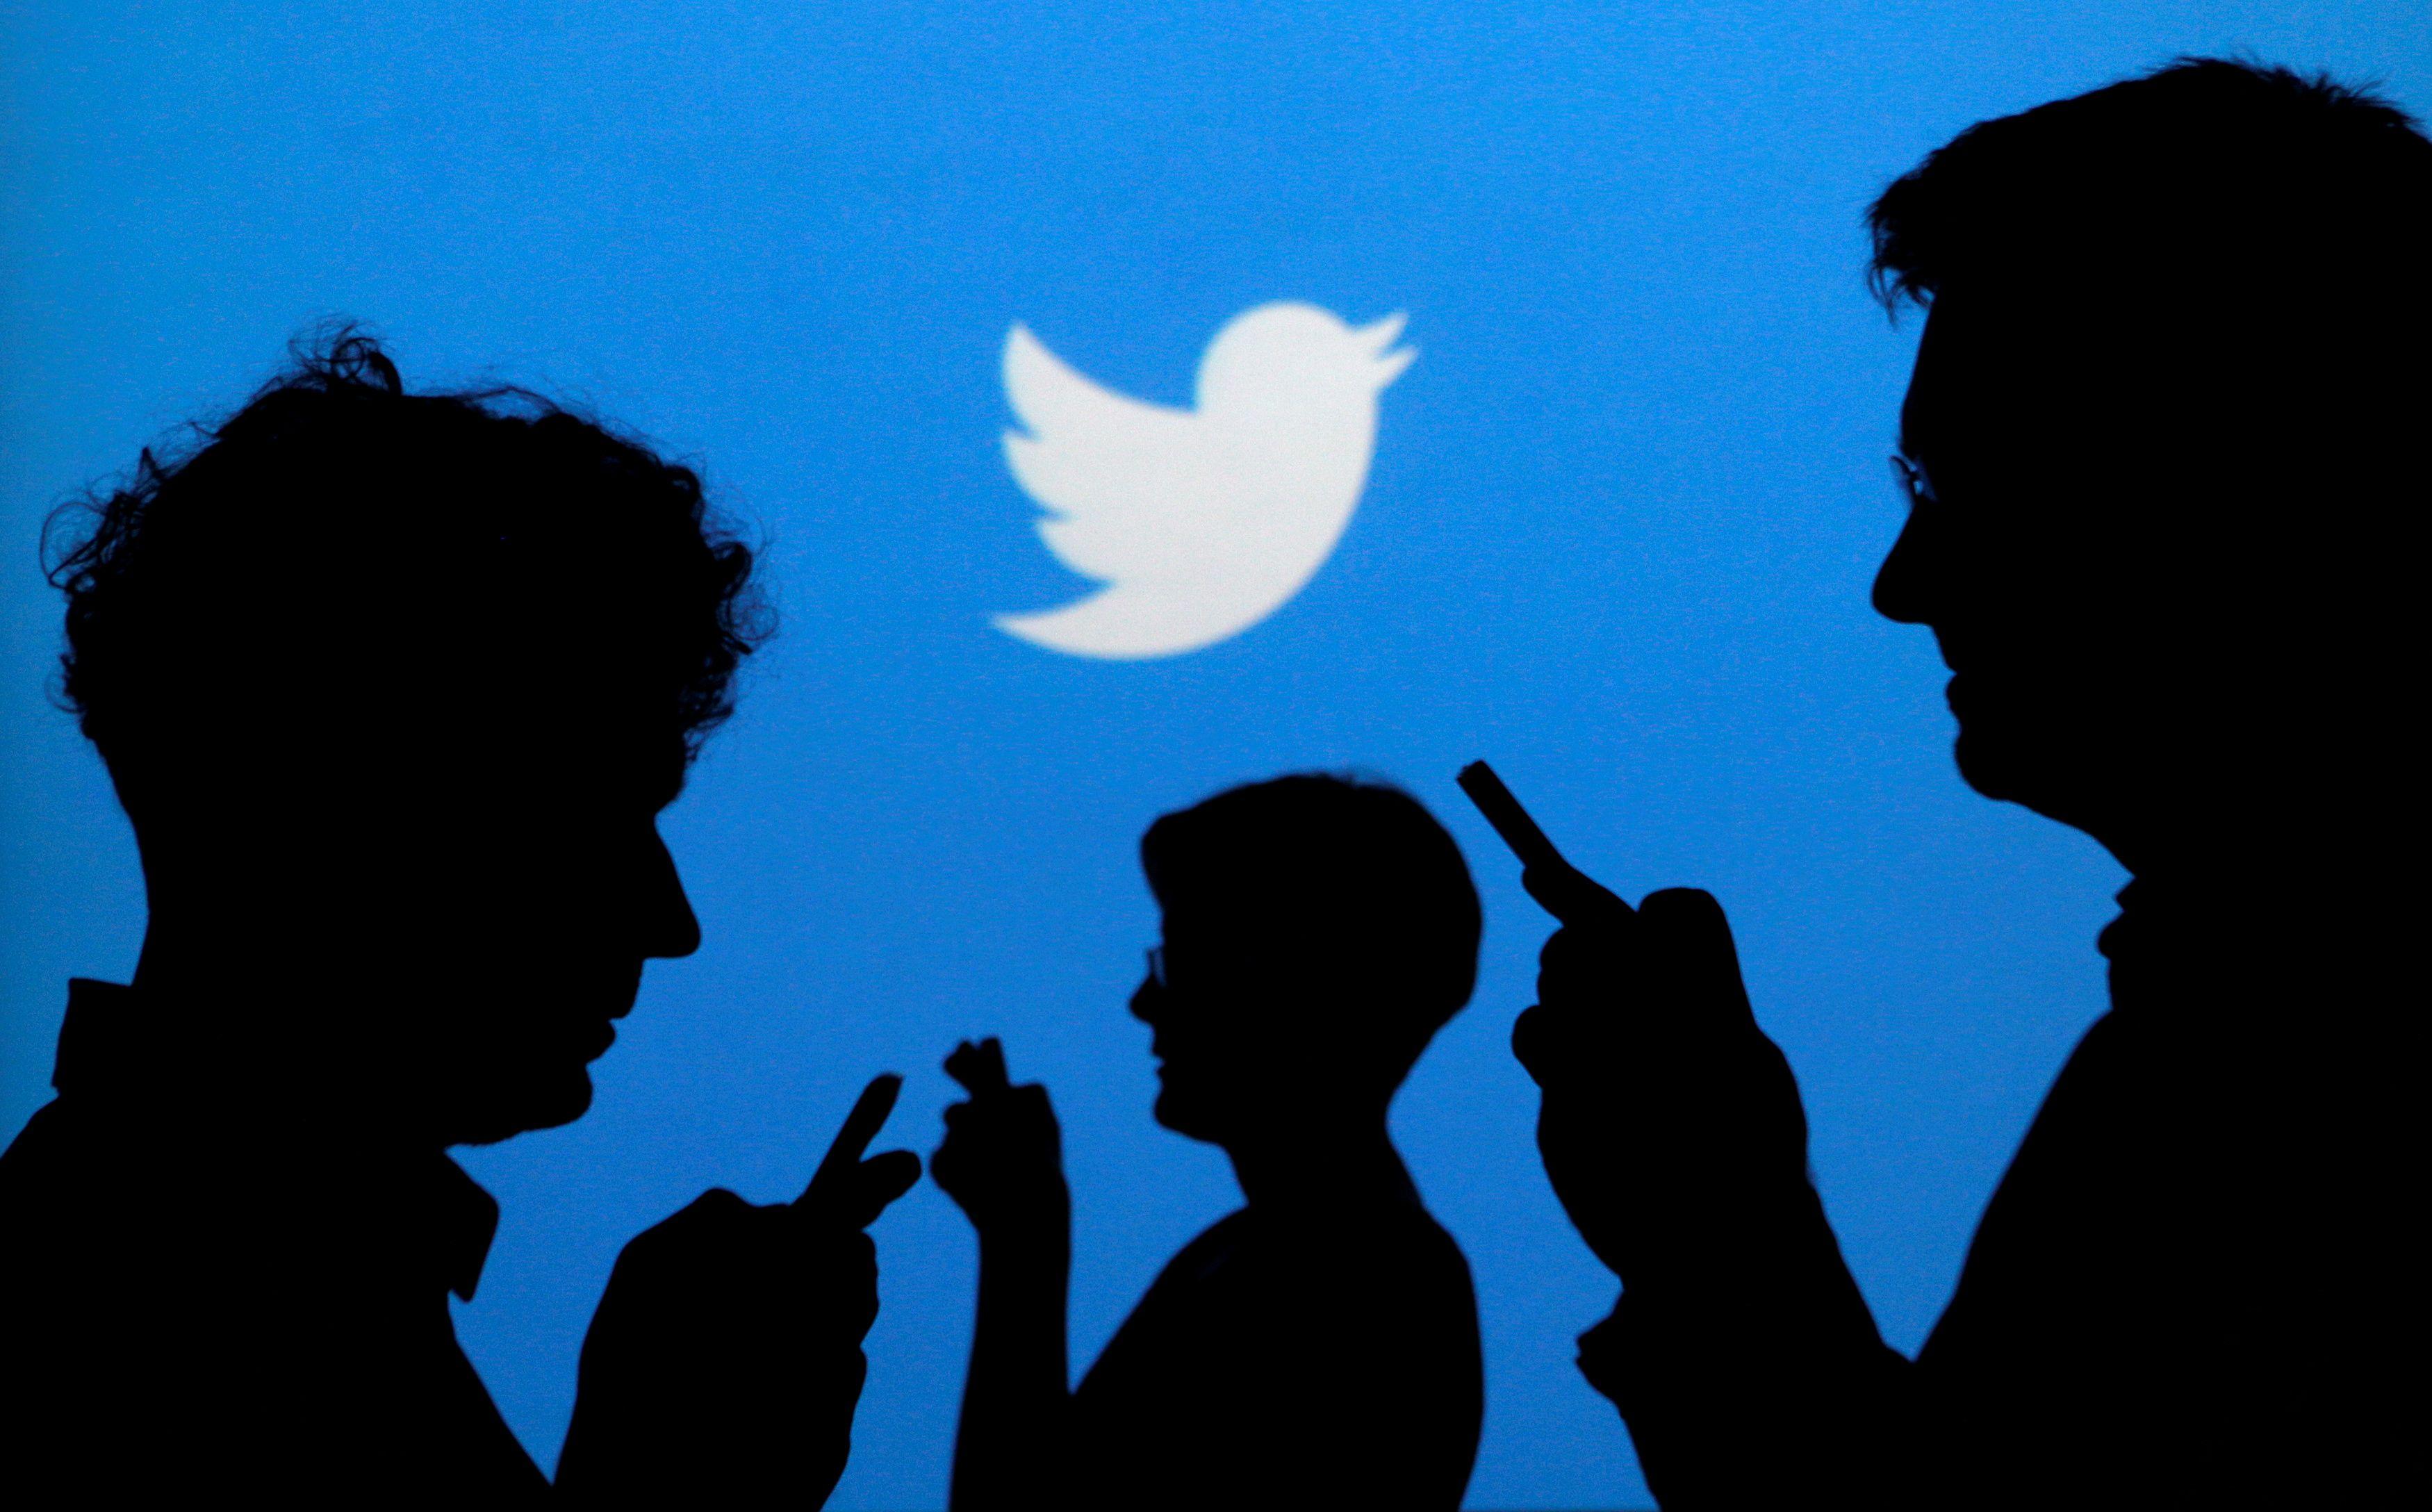 Los usuarios de Twitter se mostraron felices de que su aplicación continuara funcionando (Foto: REUTERS/Kacper Pempel/File Photo)